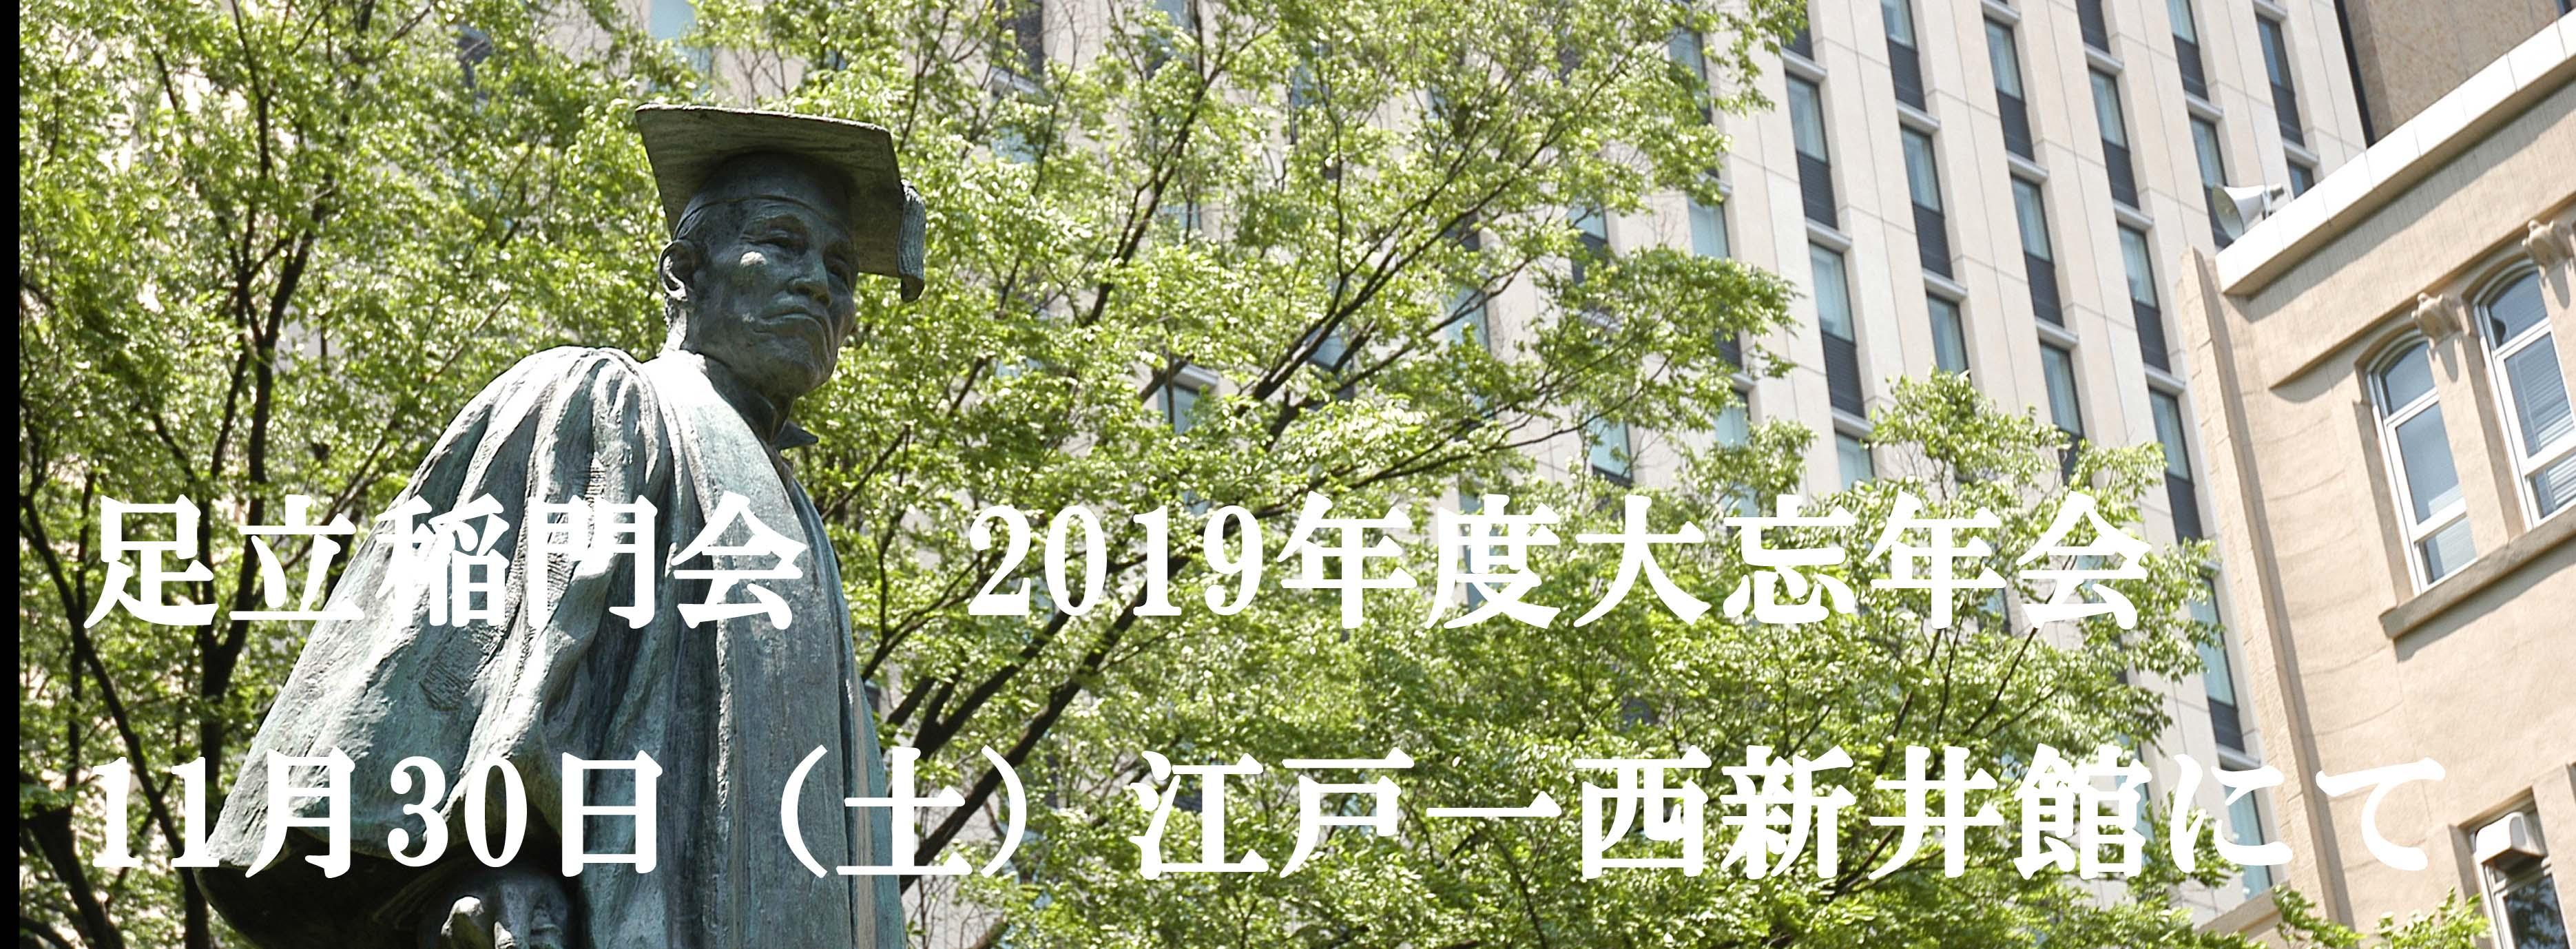 2019年大忘年会